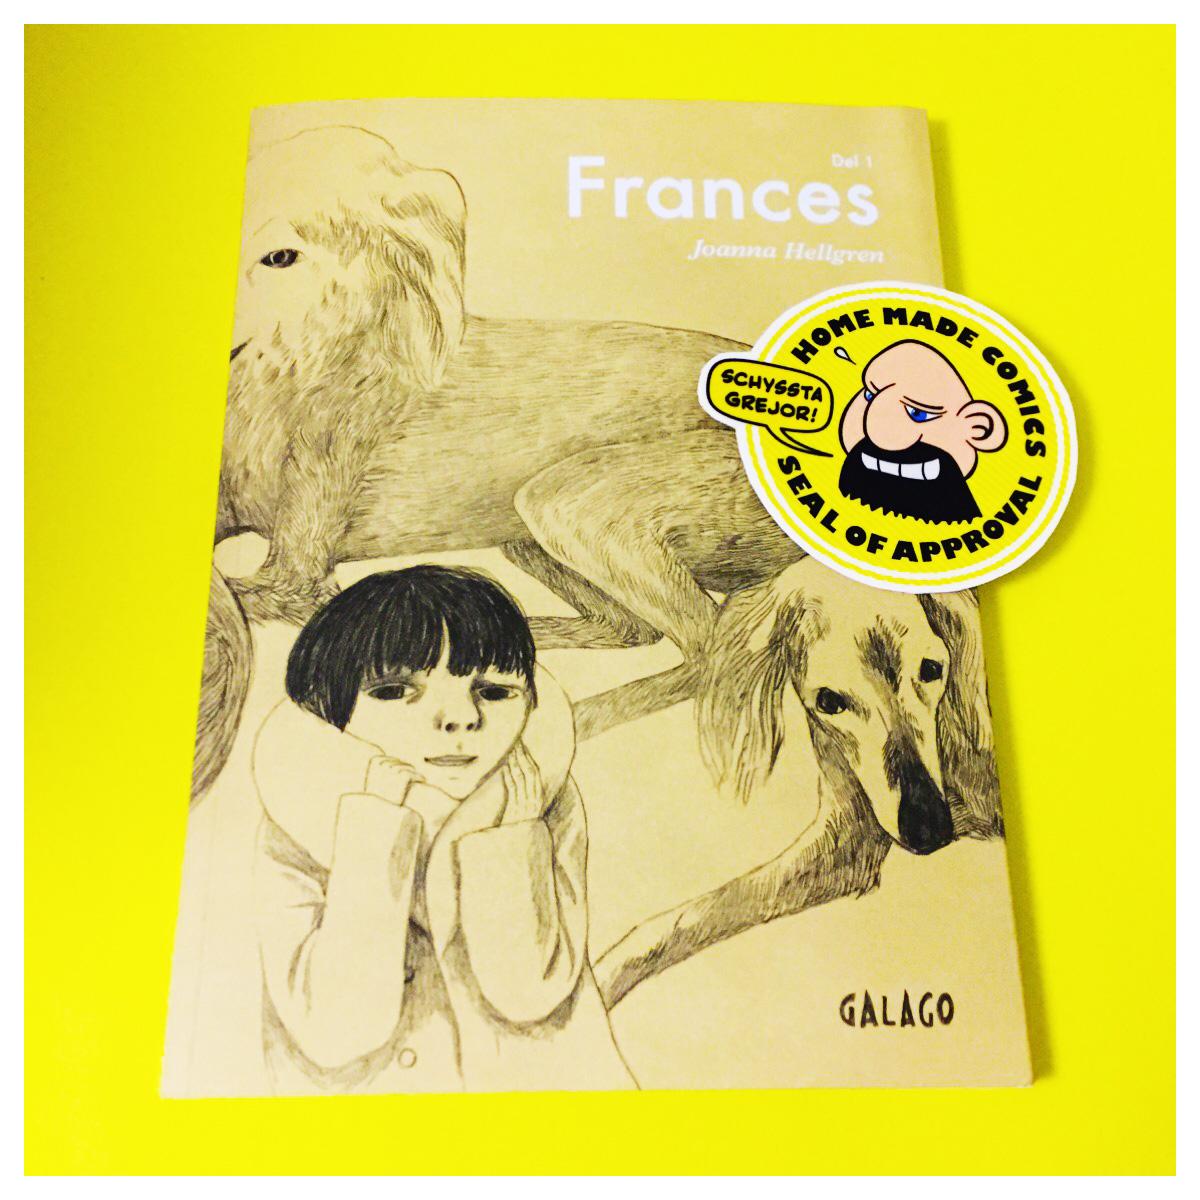 Home Made Comics Seal of Approval #178. Frances Del 1 av Joanna Hellgren utgiven av Galago 2009.